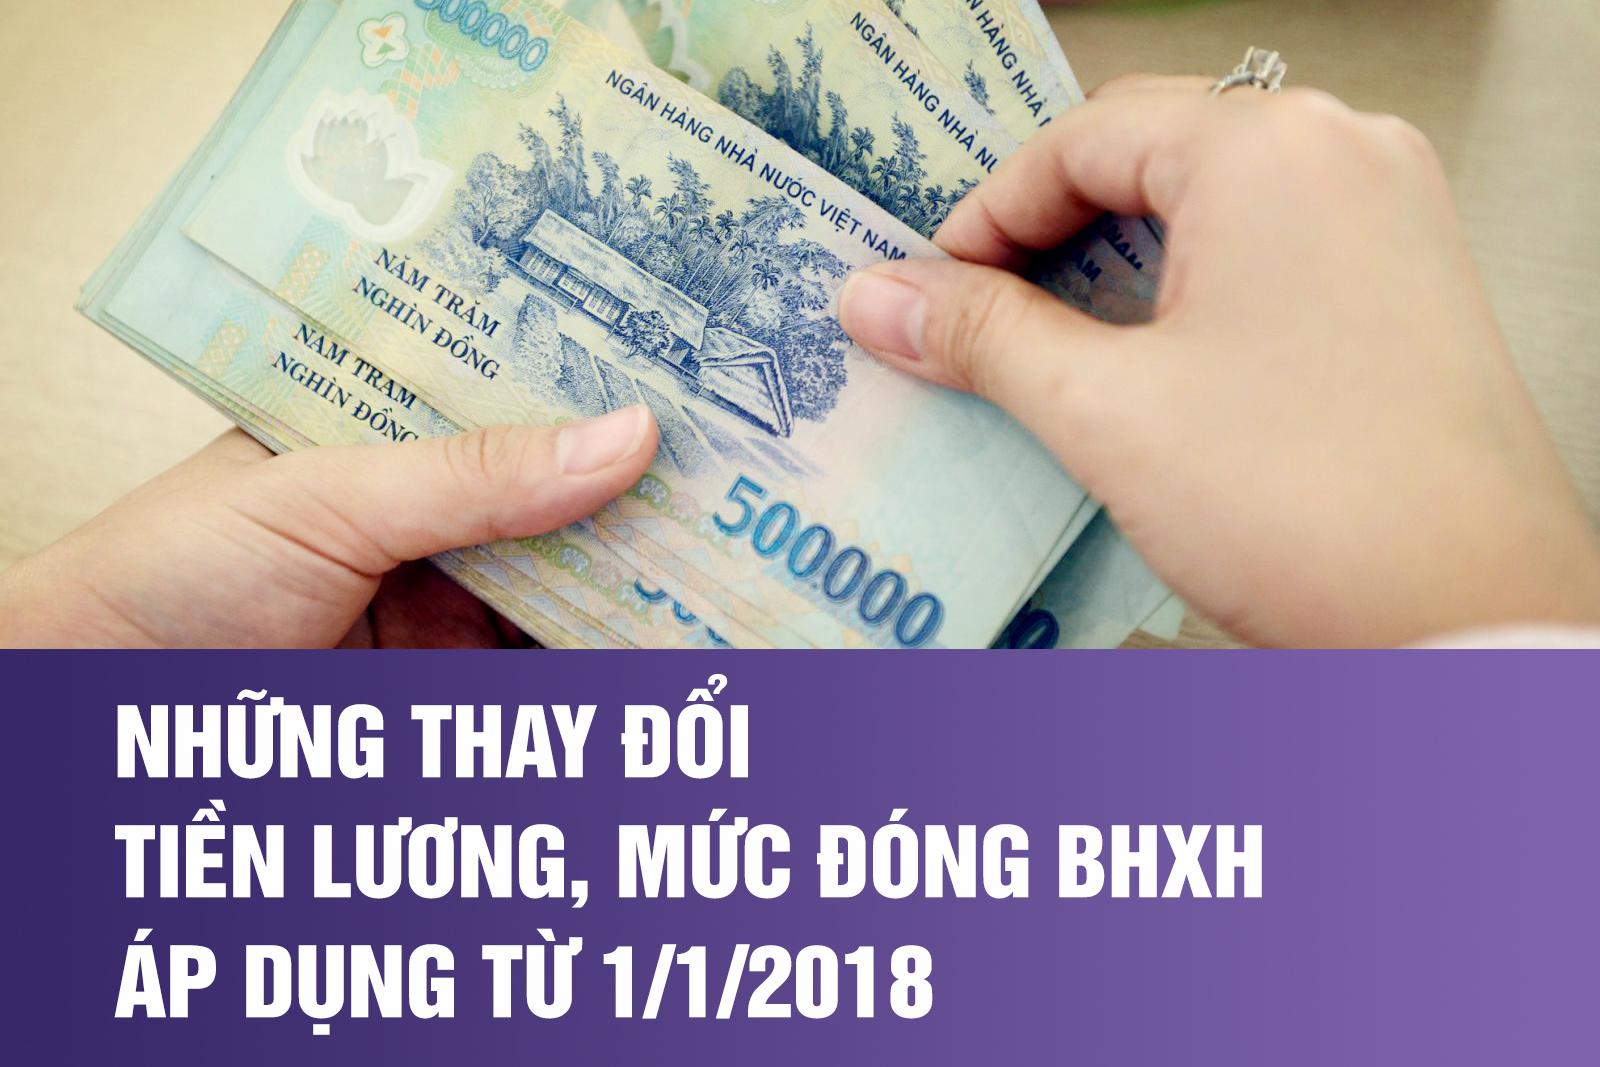 Những thay đổi về tiền lương, mức đóng BHXH từ 1/1/2018 người lao động cần biết